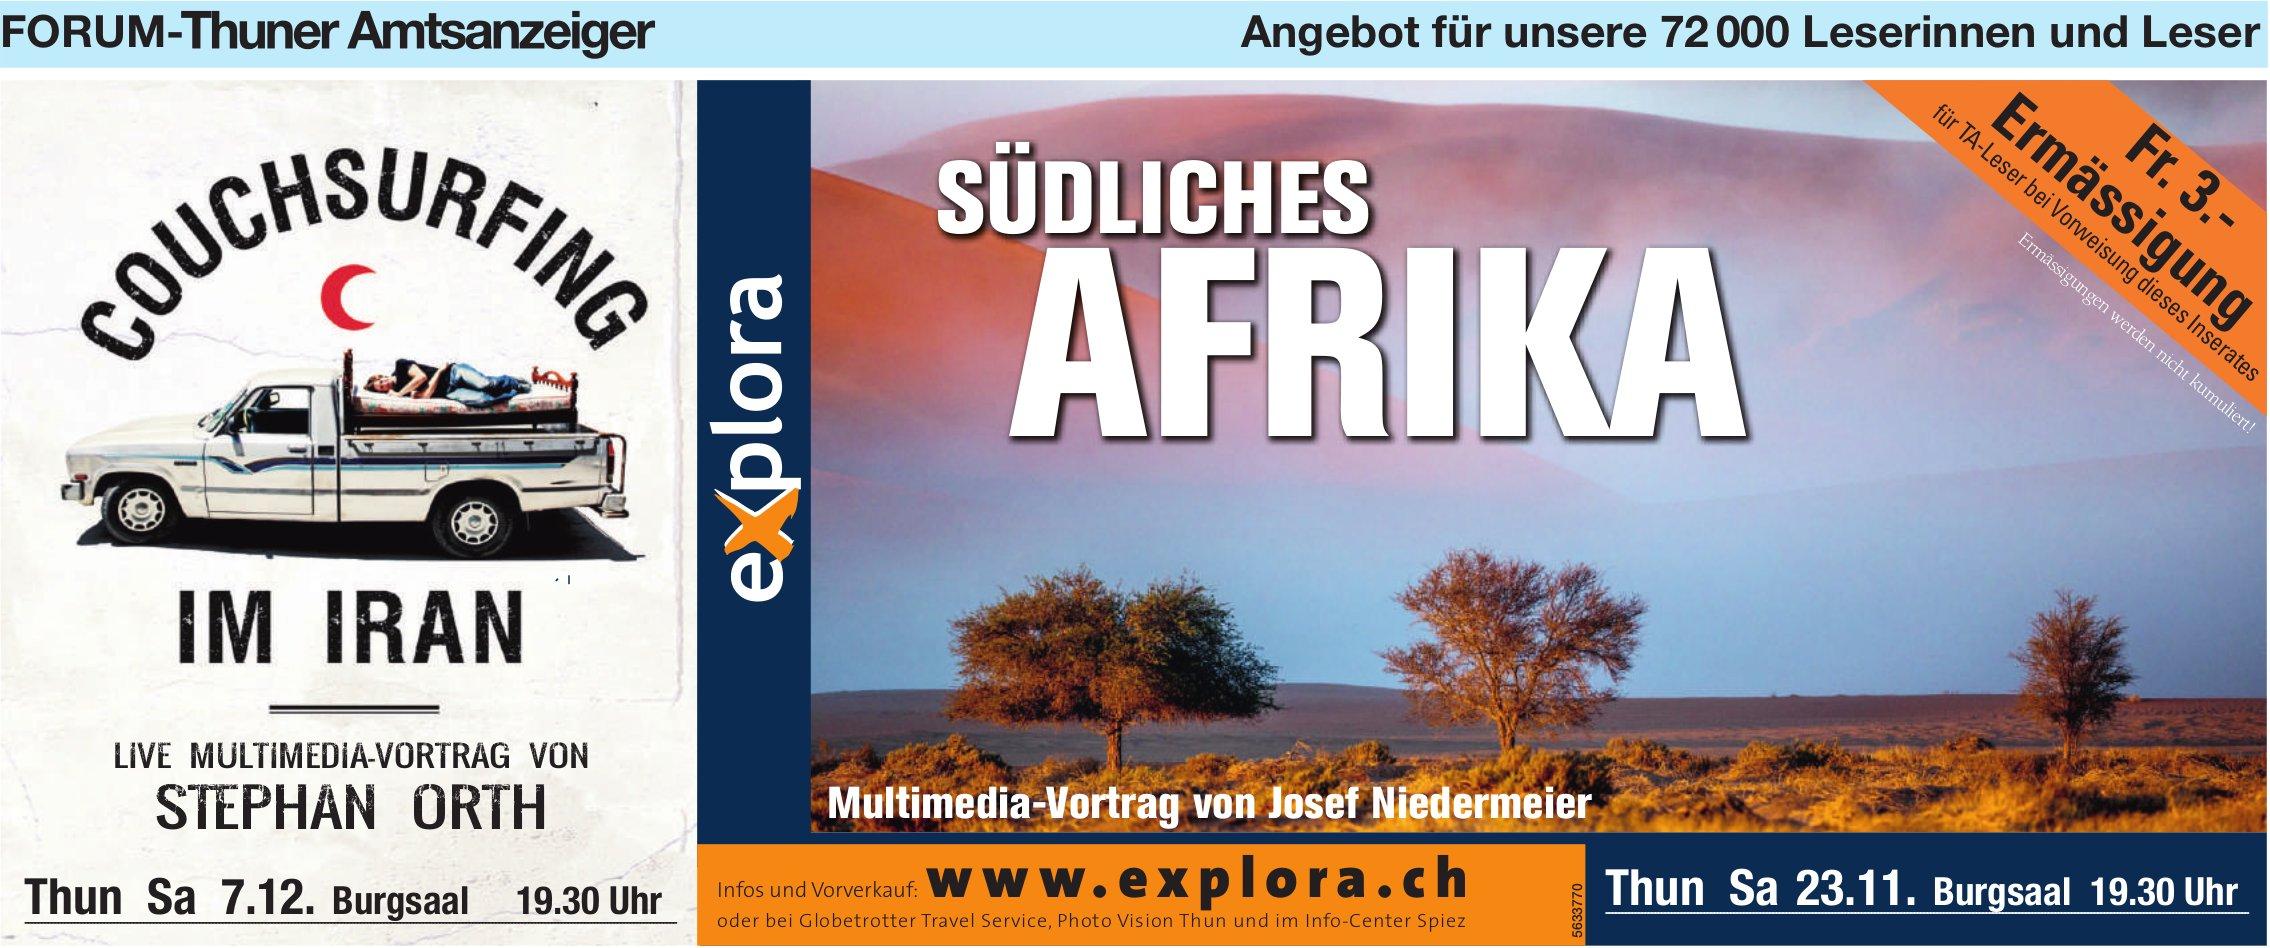 Forum-Thuner Amtsanzeiger - SÜDLICHES AFRIKA, Multimedia-Vortrag von Josef Niedermeier, 23. November